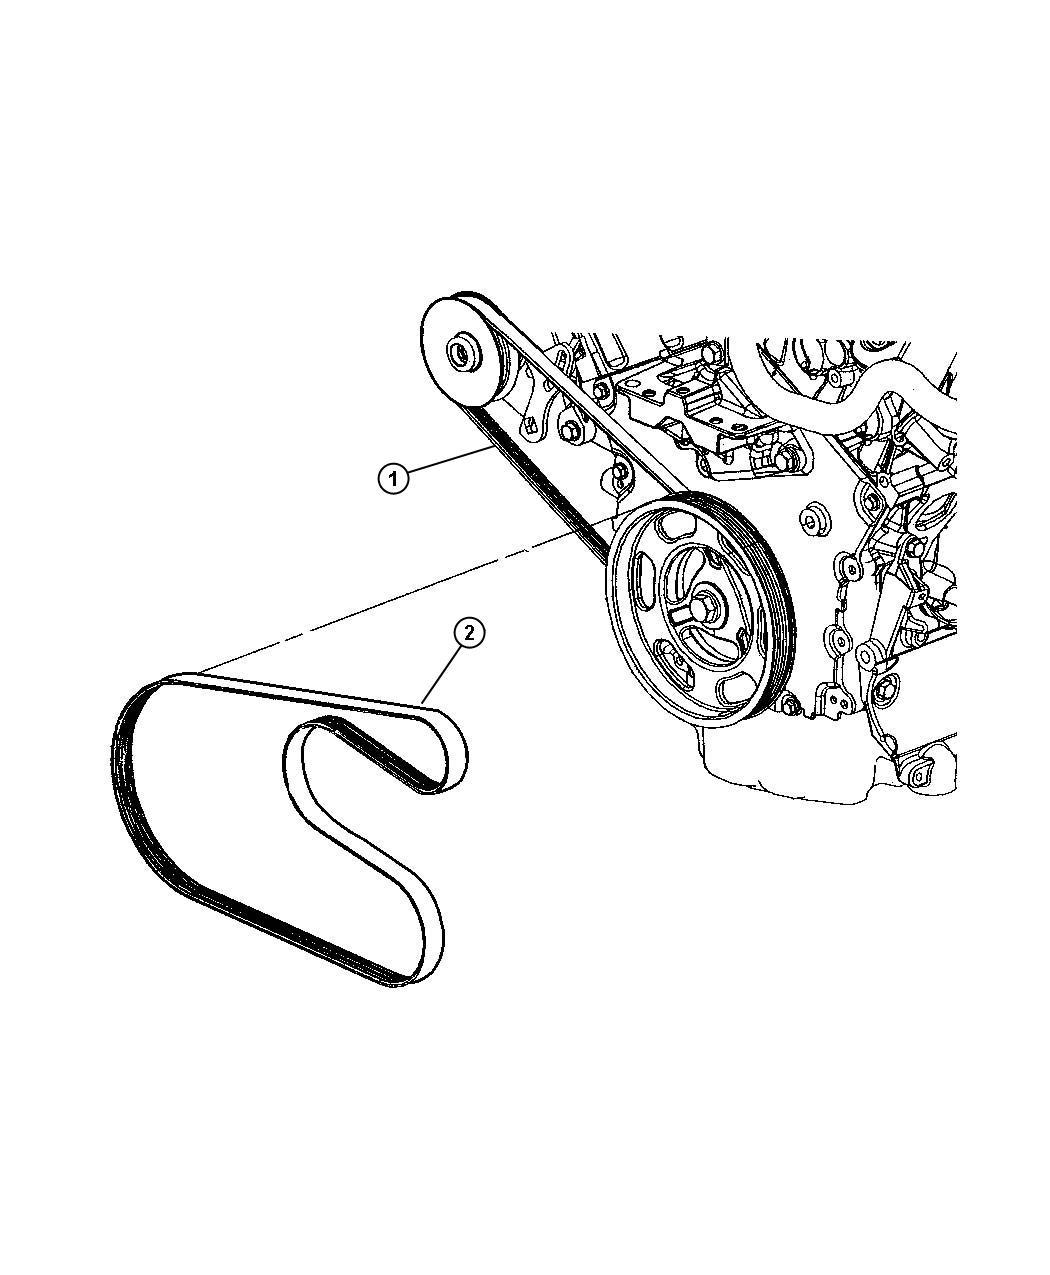 2002 Chrysler Sebring Belt  Power Steering  Rack  Feel